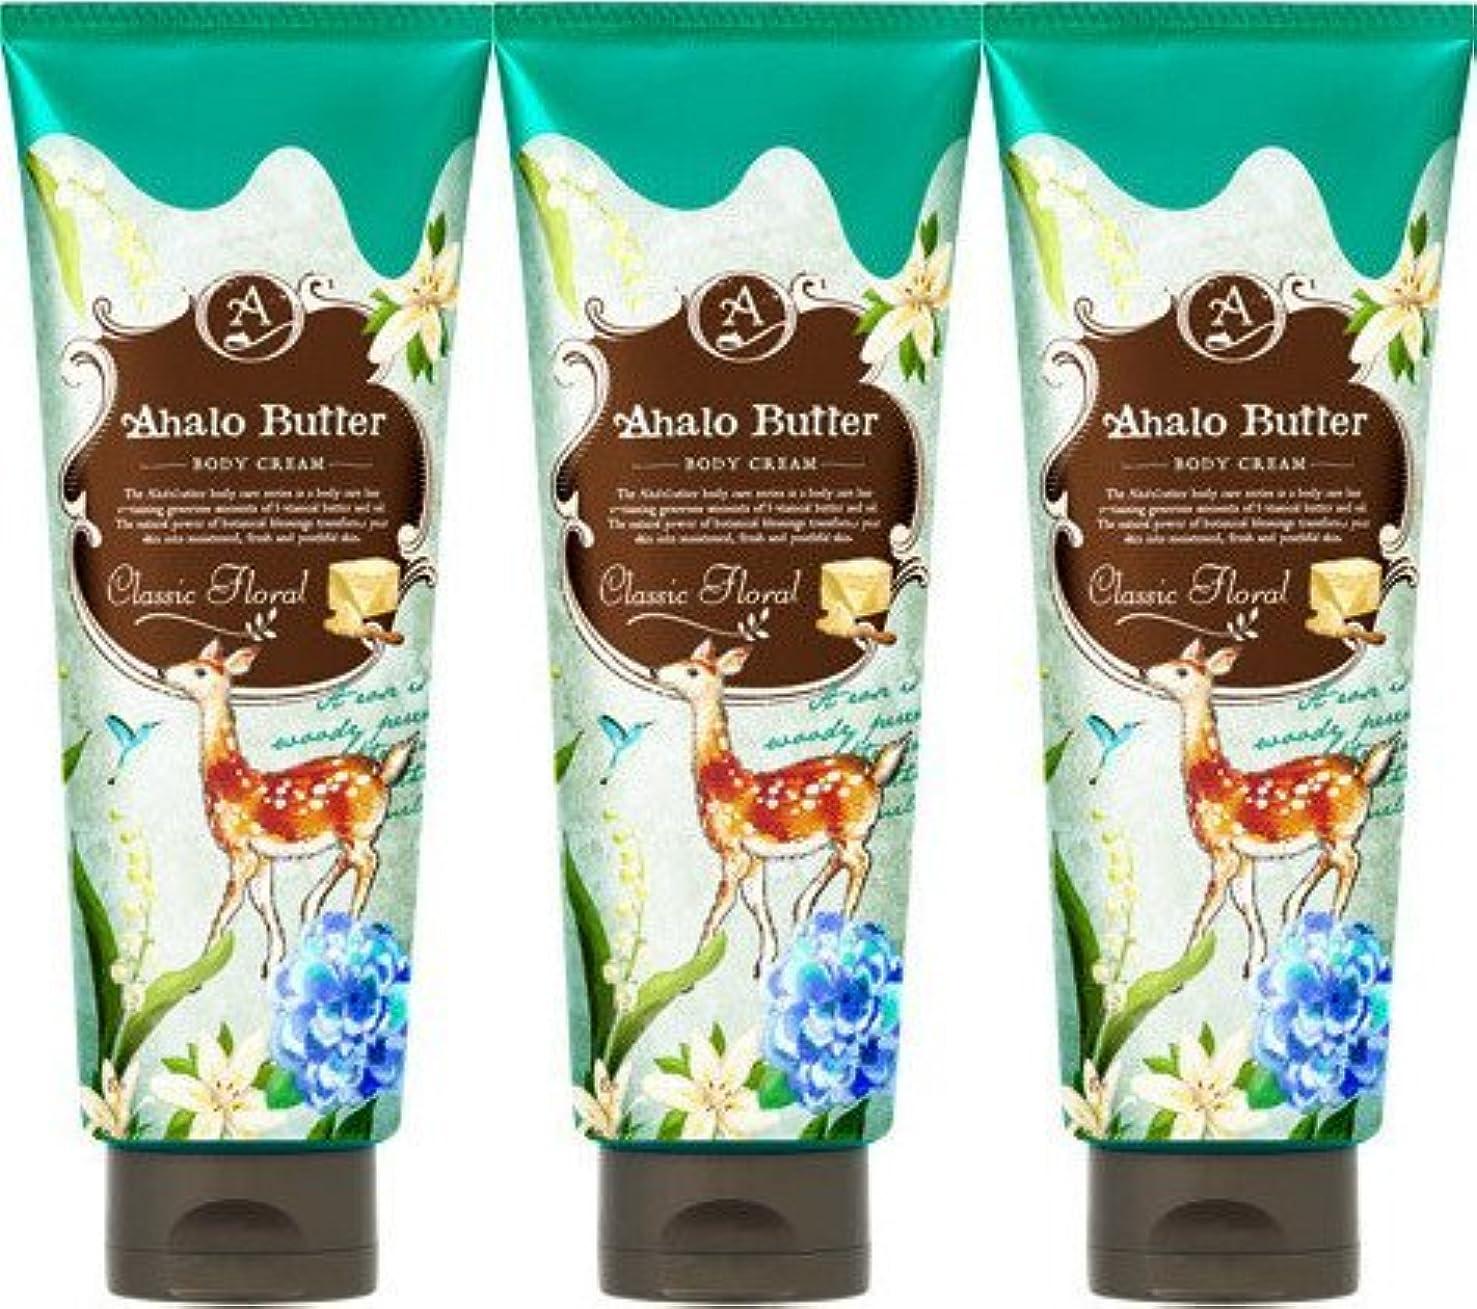 成人期フリルなぞらえる【3個セット】Ahalo butter(アハロバター) ボディクリーム クラシックフローラル 150g